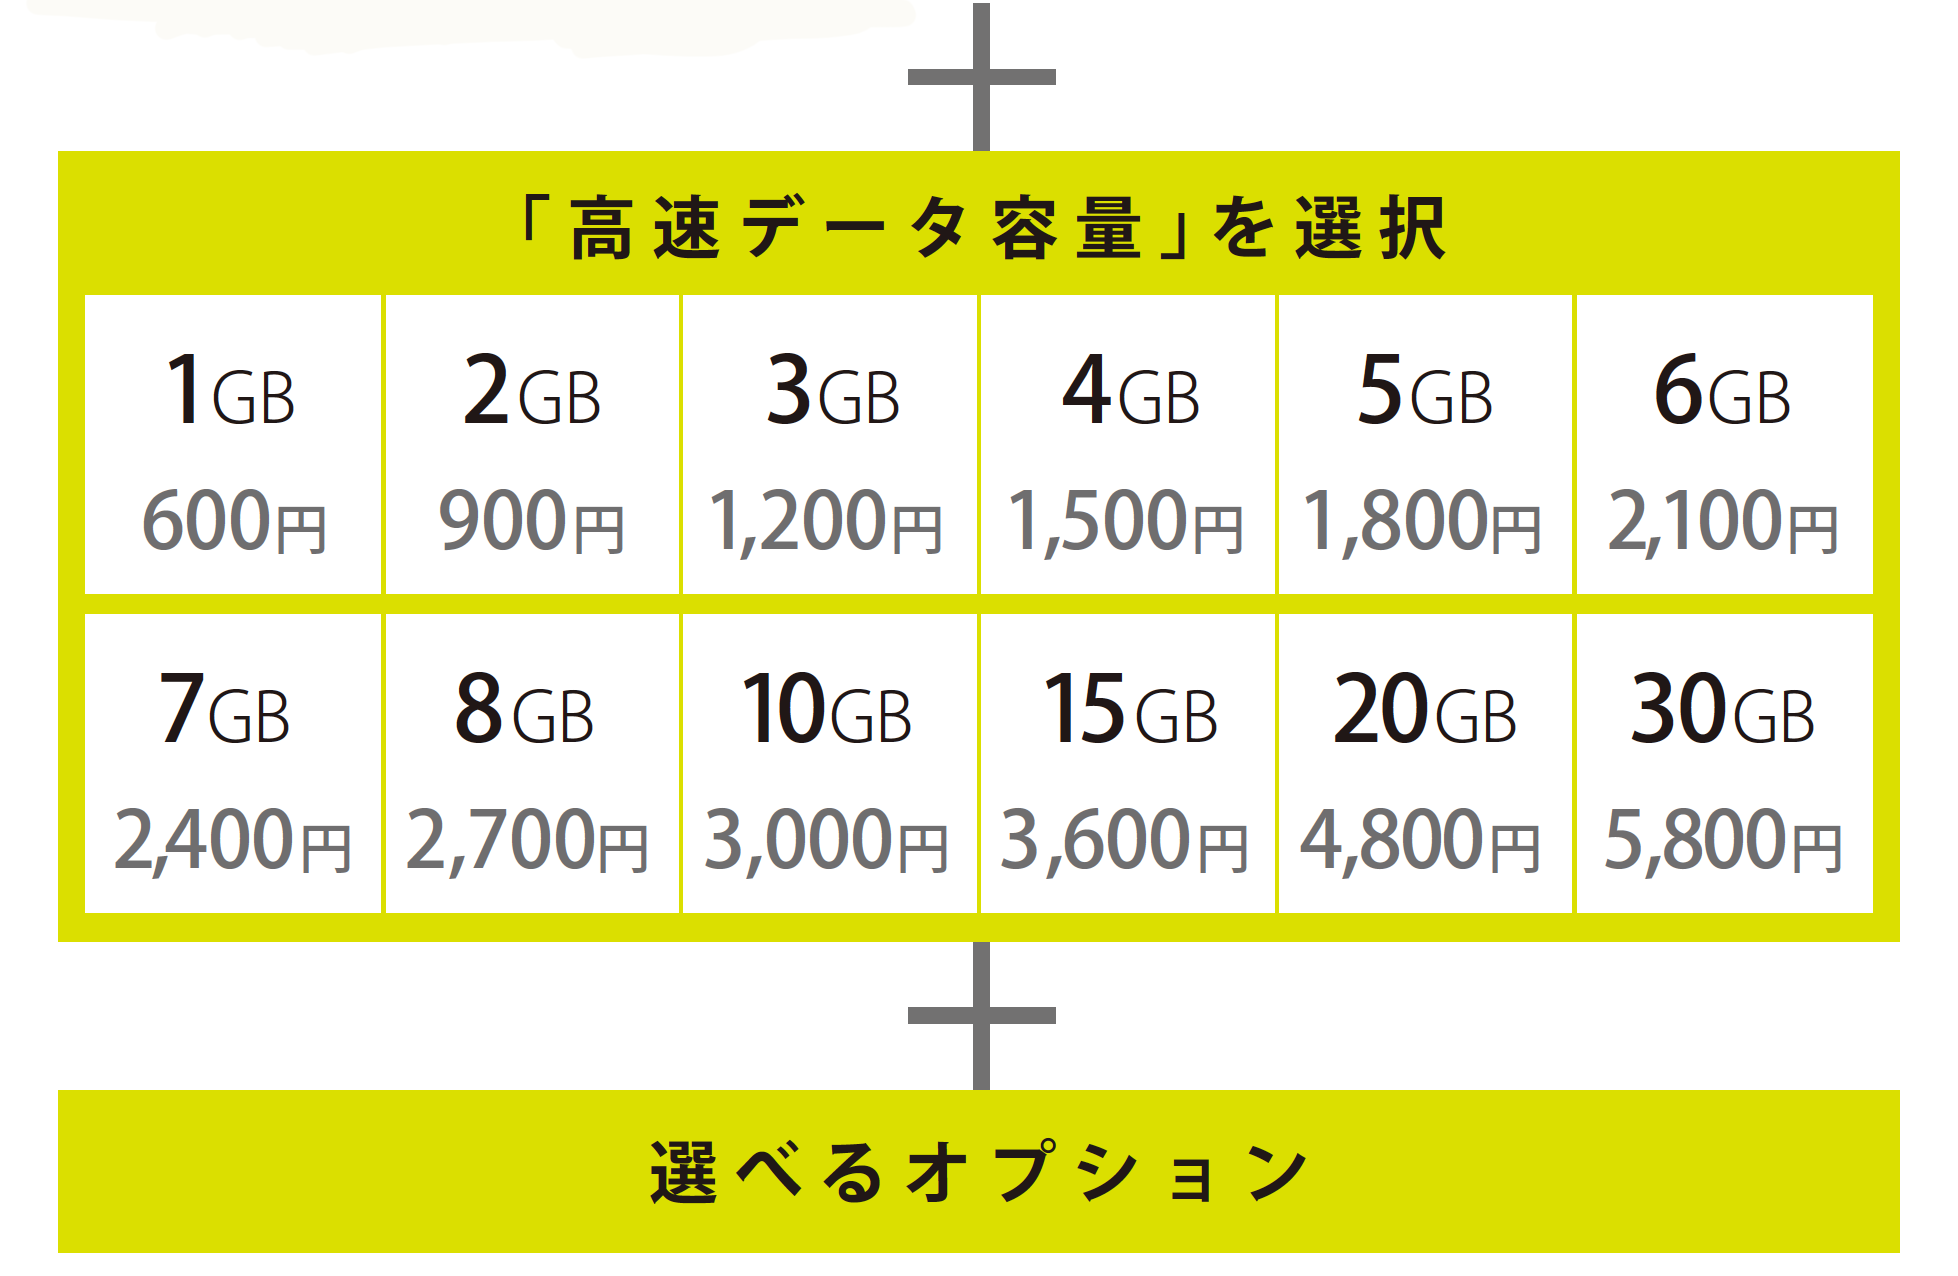 高速データプラン1G〜30GBの料金+選べるオプション料金